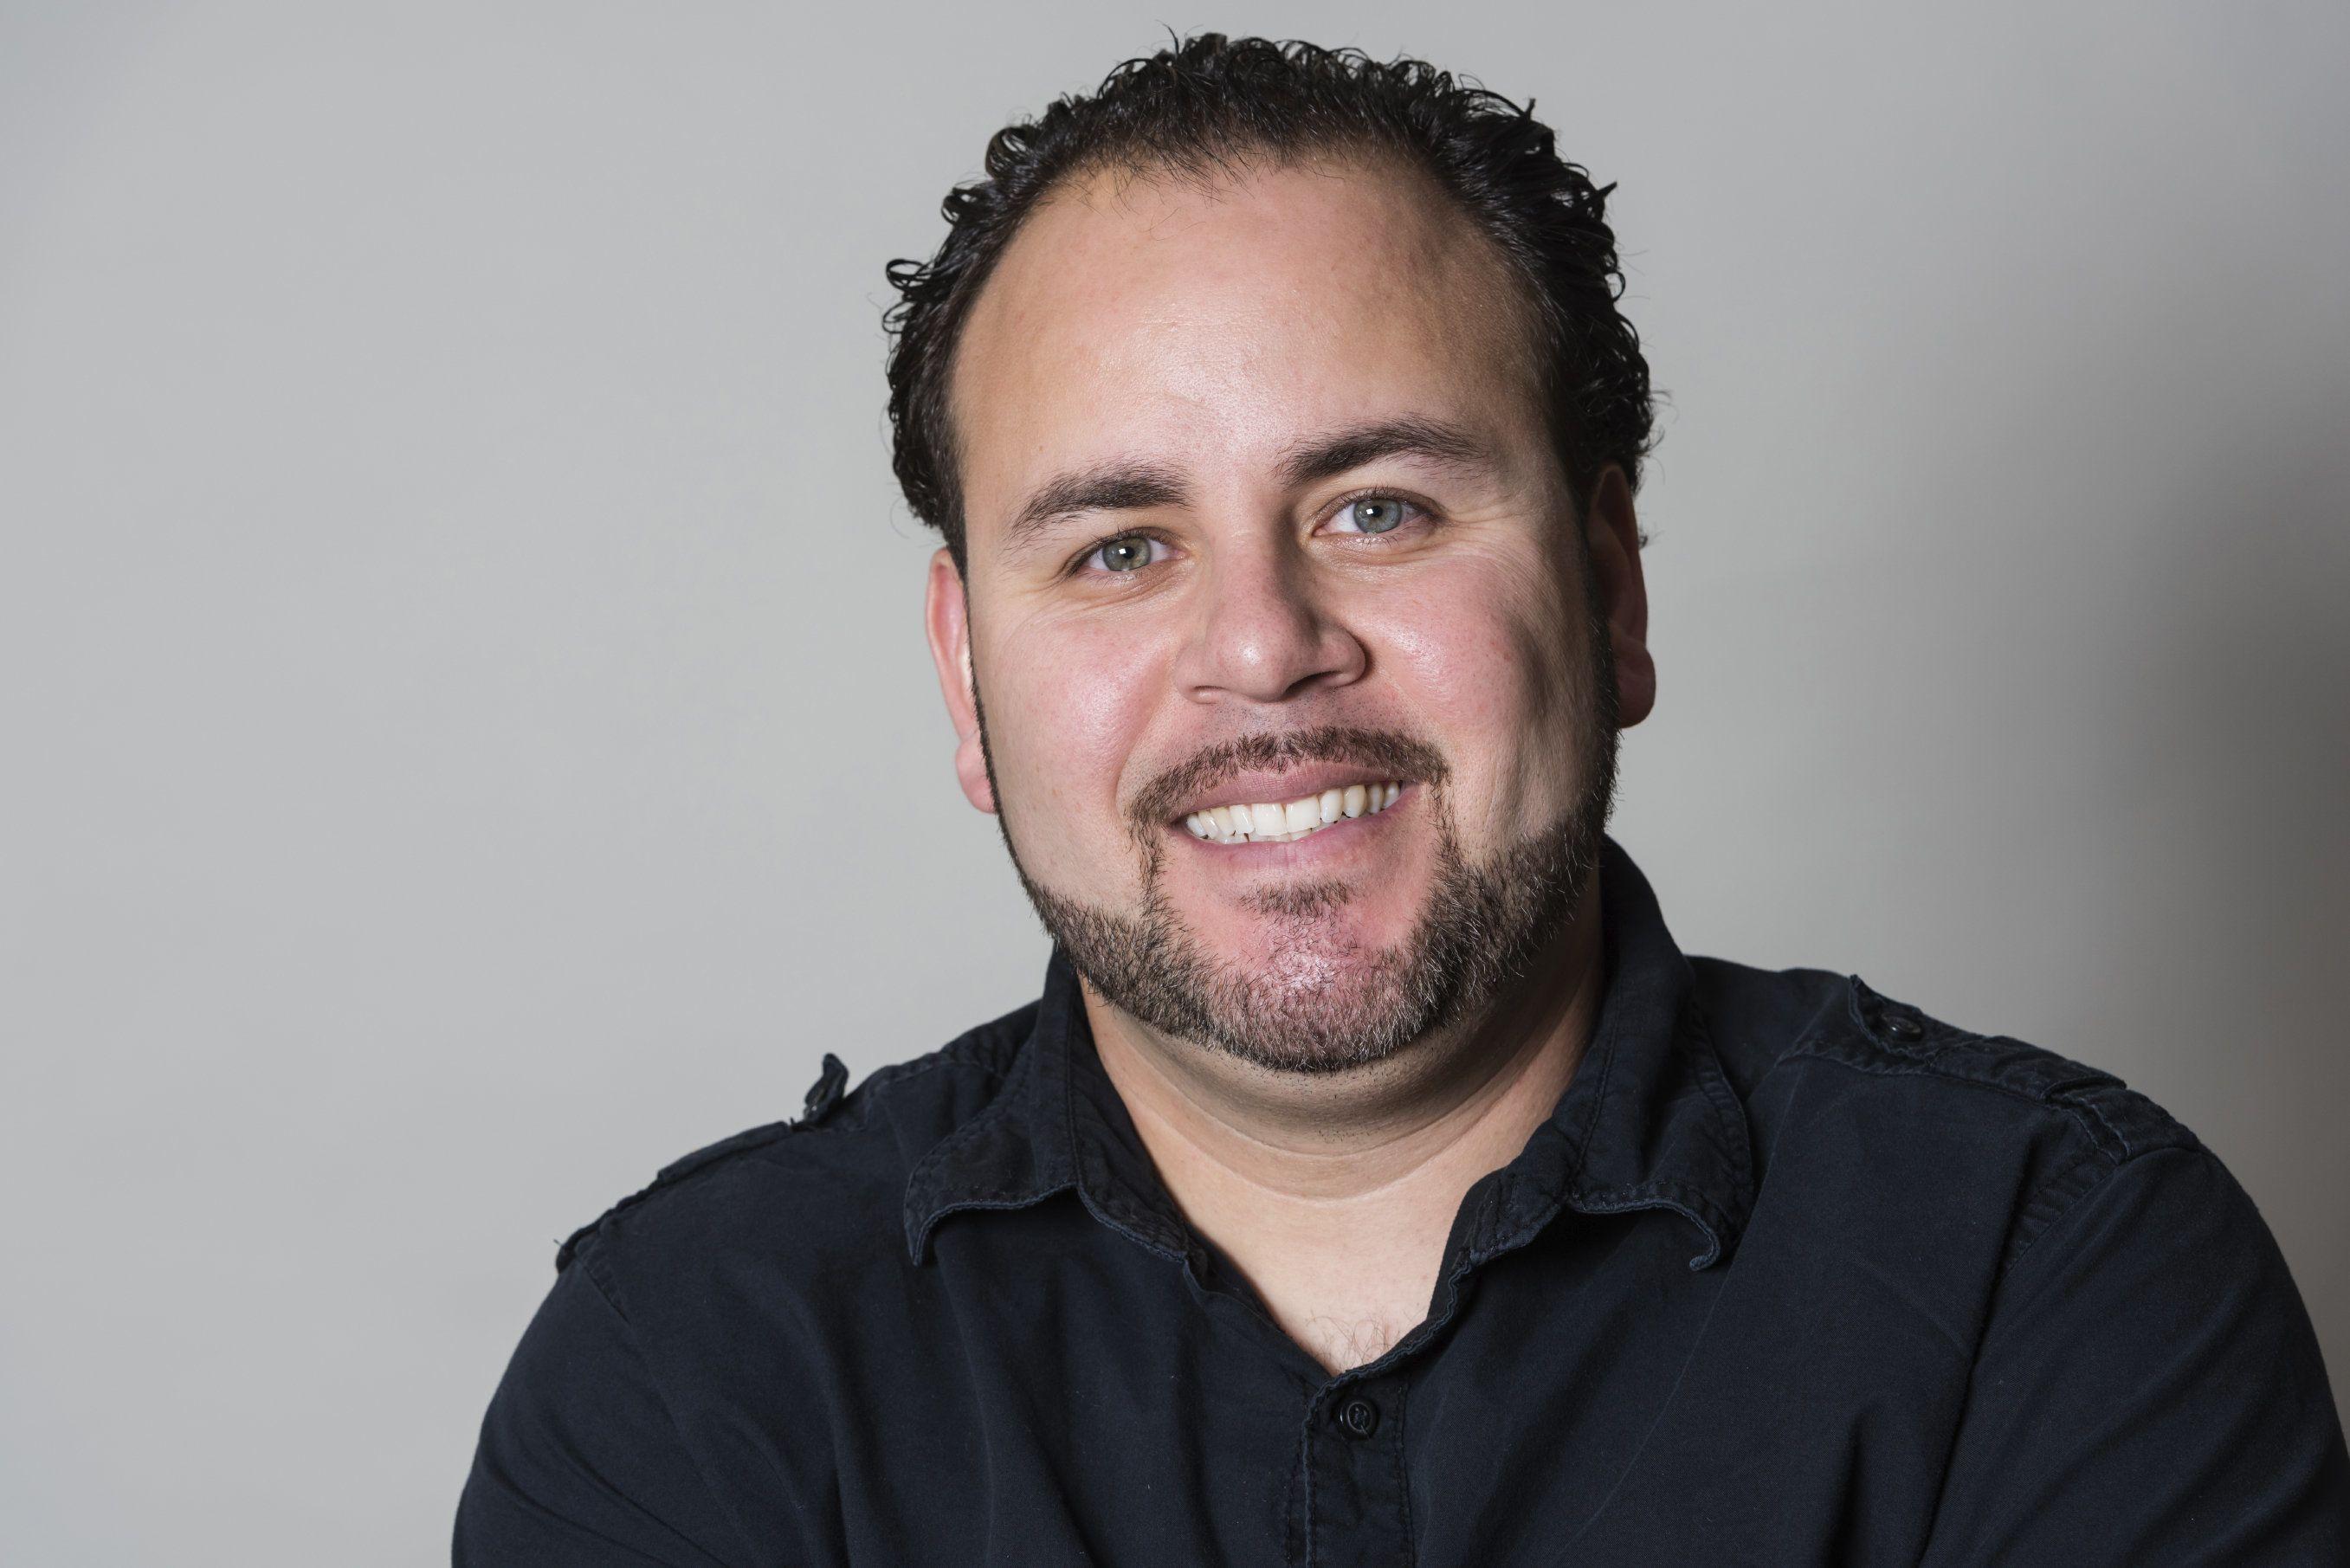 Man in dark blue shirt smiling.